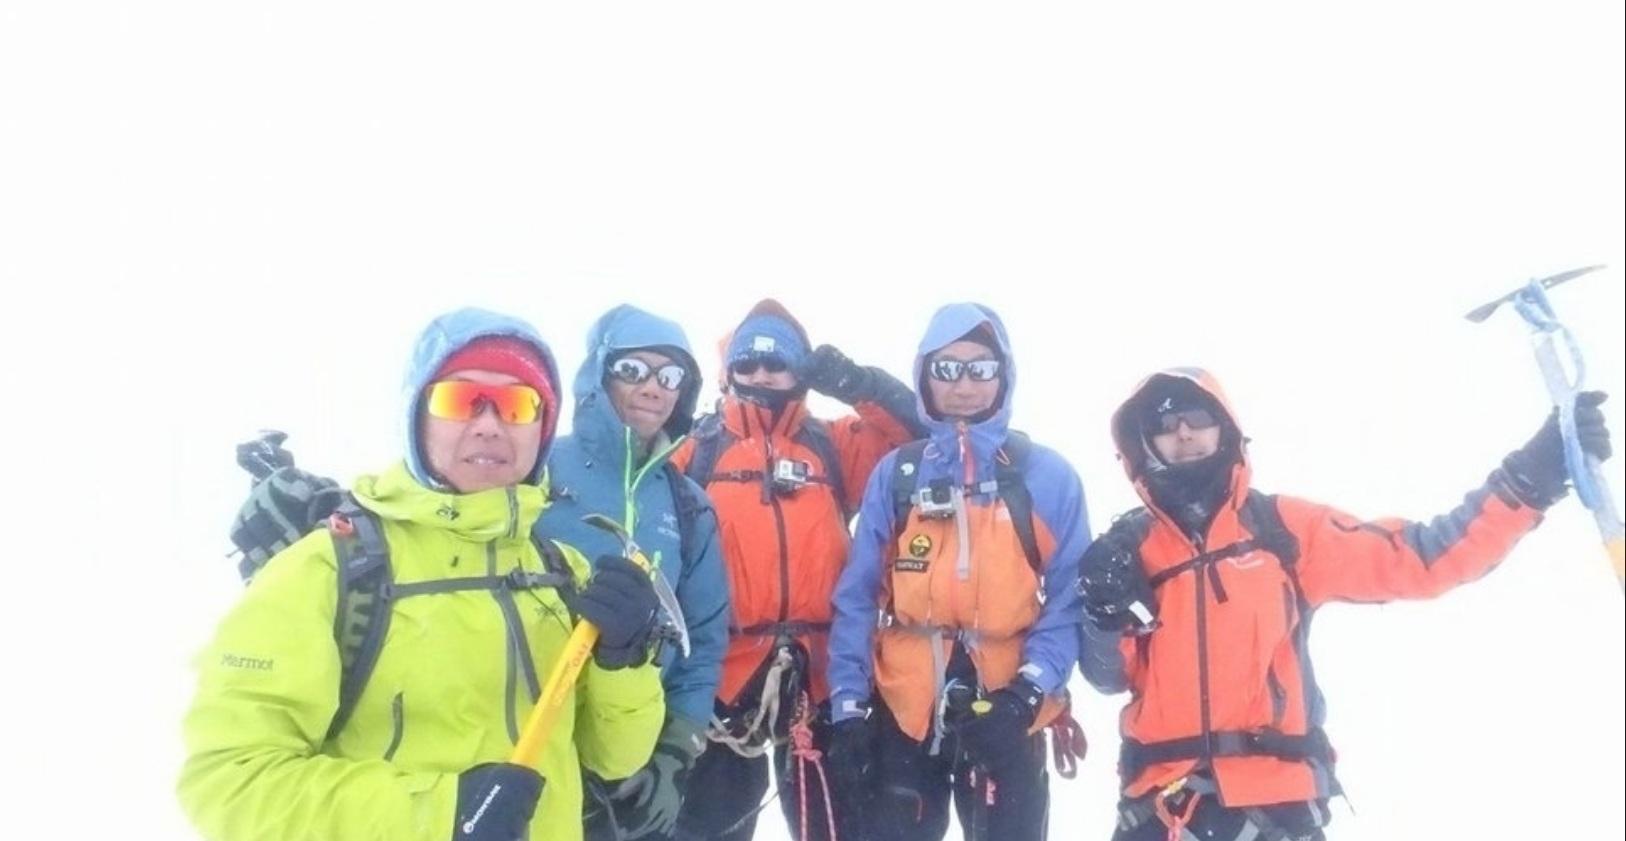 一香港登山隊在瑞士攀登艾格峰時,一人被滾石砸傷遇難。(Facebook)